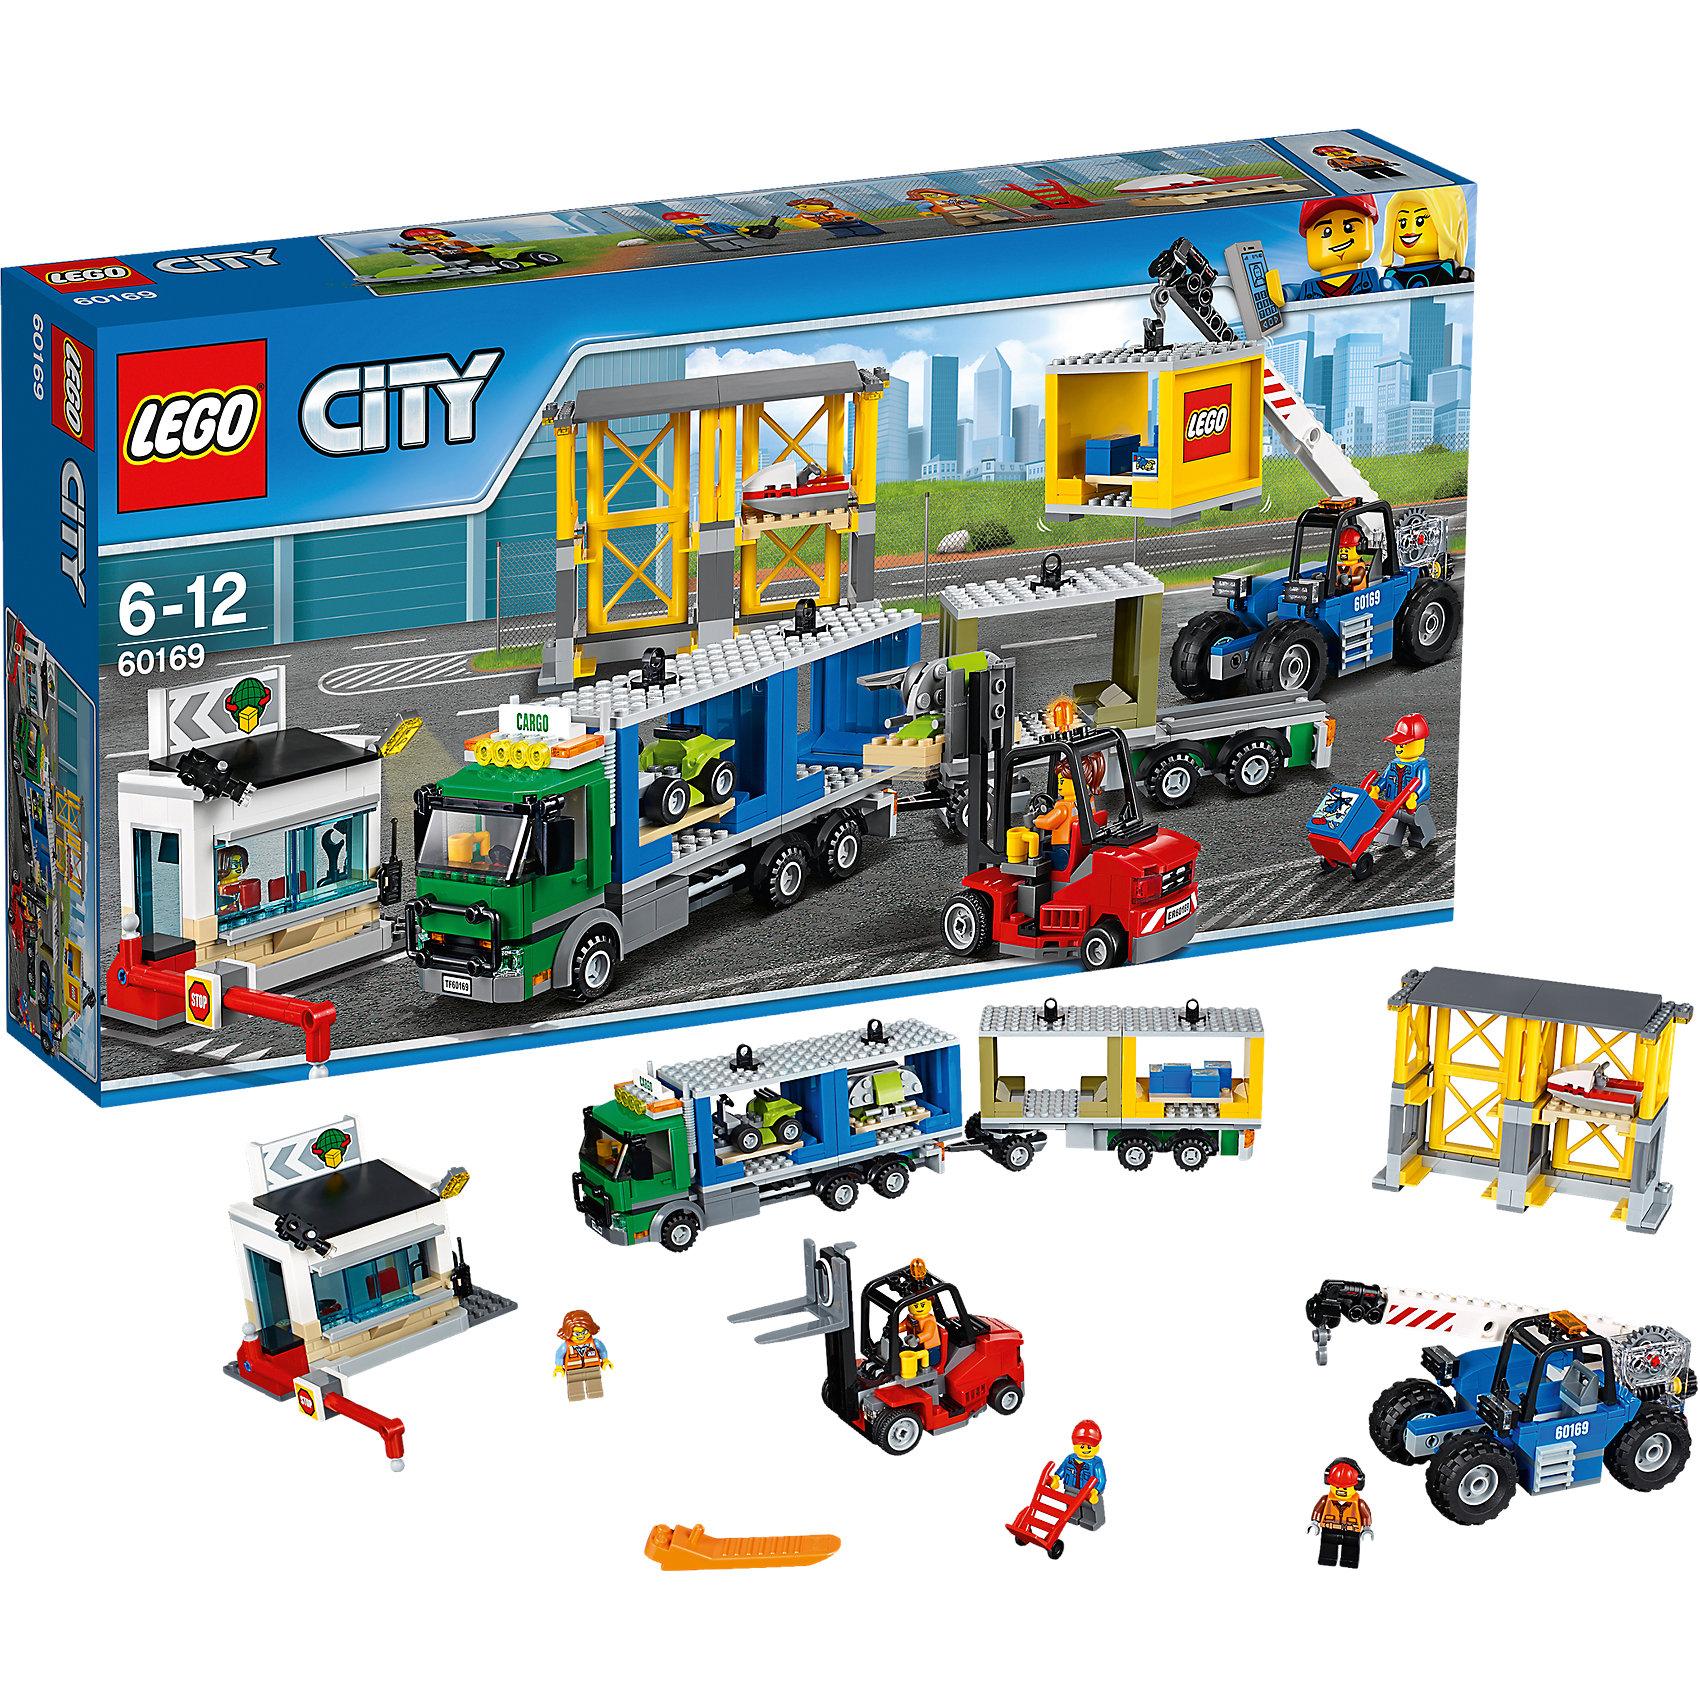 LEGO City 60169: Грузовой терминалПластмассовые конструкторы<br><br><br>Ширина мм: 539<br>Глубина мм: 281<br>Высота мм: 96<br>Вес г: 1406<br>Возраст от месяцев: 72<br>Возраст до месяцев: 144<br>Пол: Мужской<br>Возраст: Детский<br>SKU: 5620030